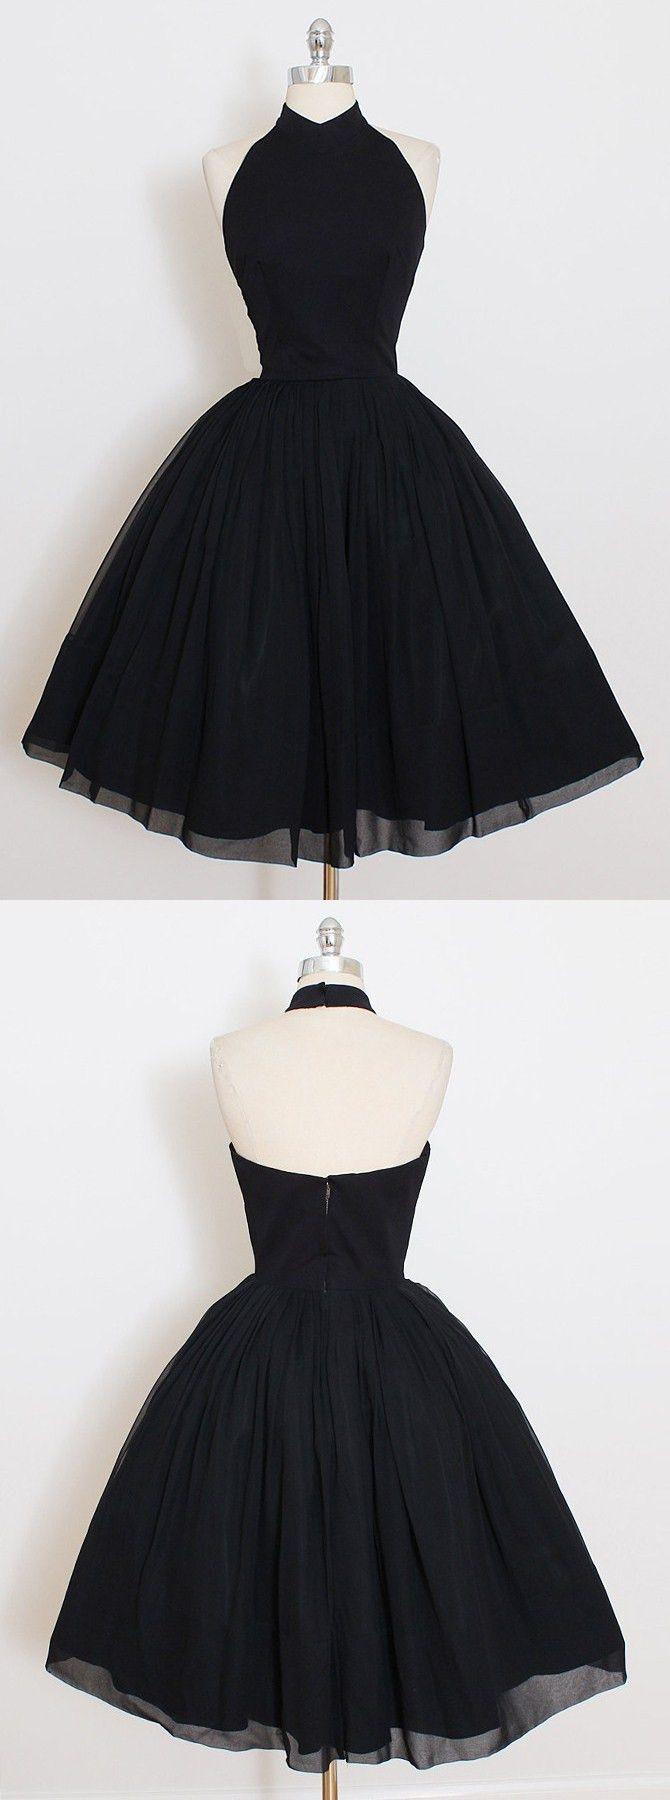 best 25+ elegant dresses ideas on pinterest | long dresses